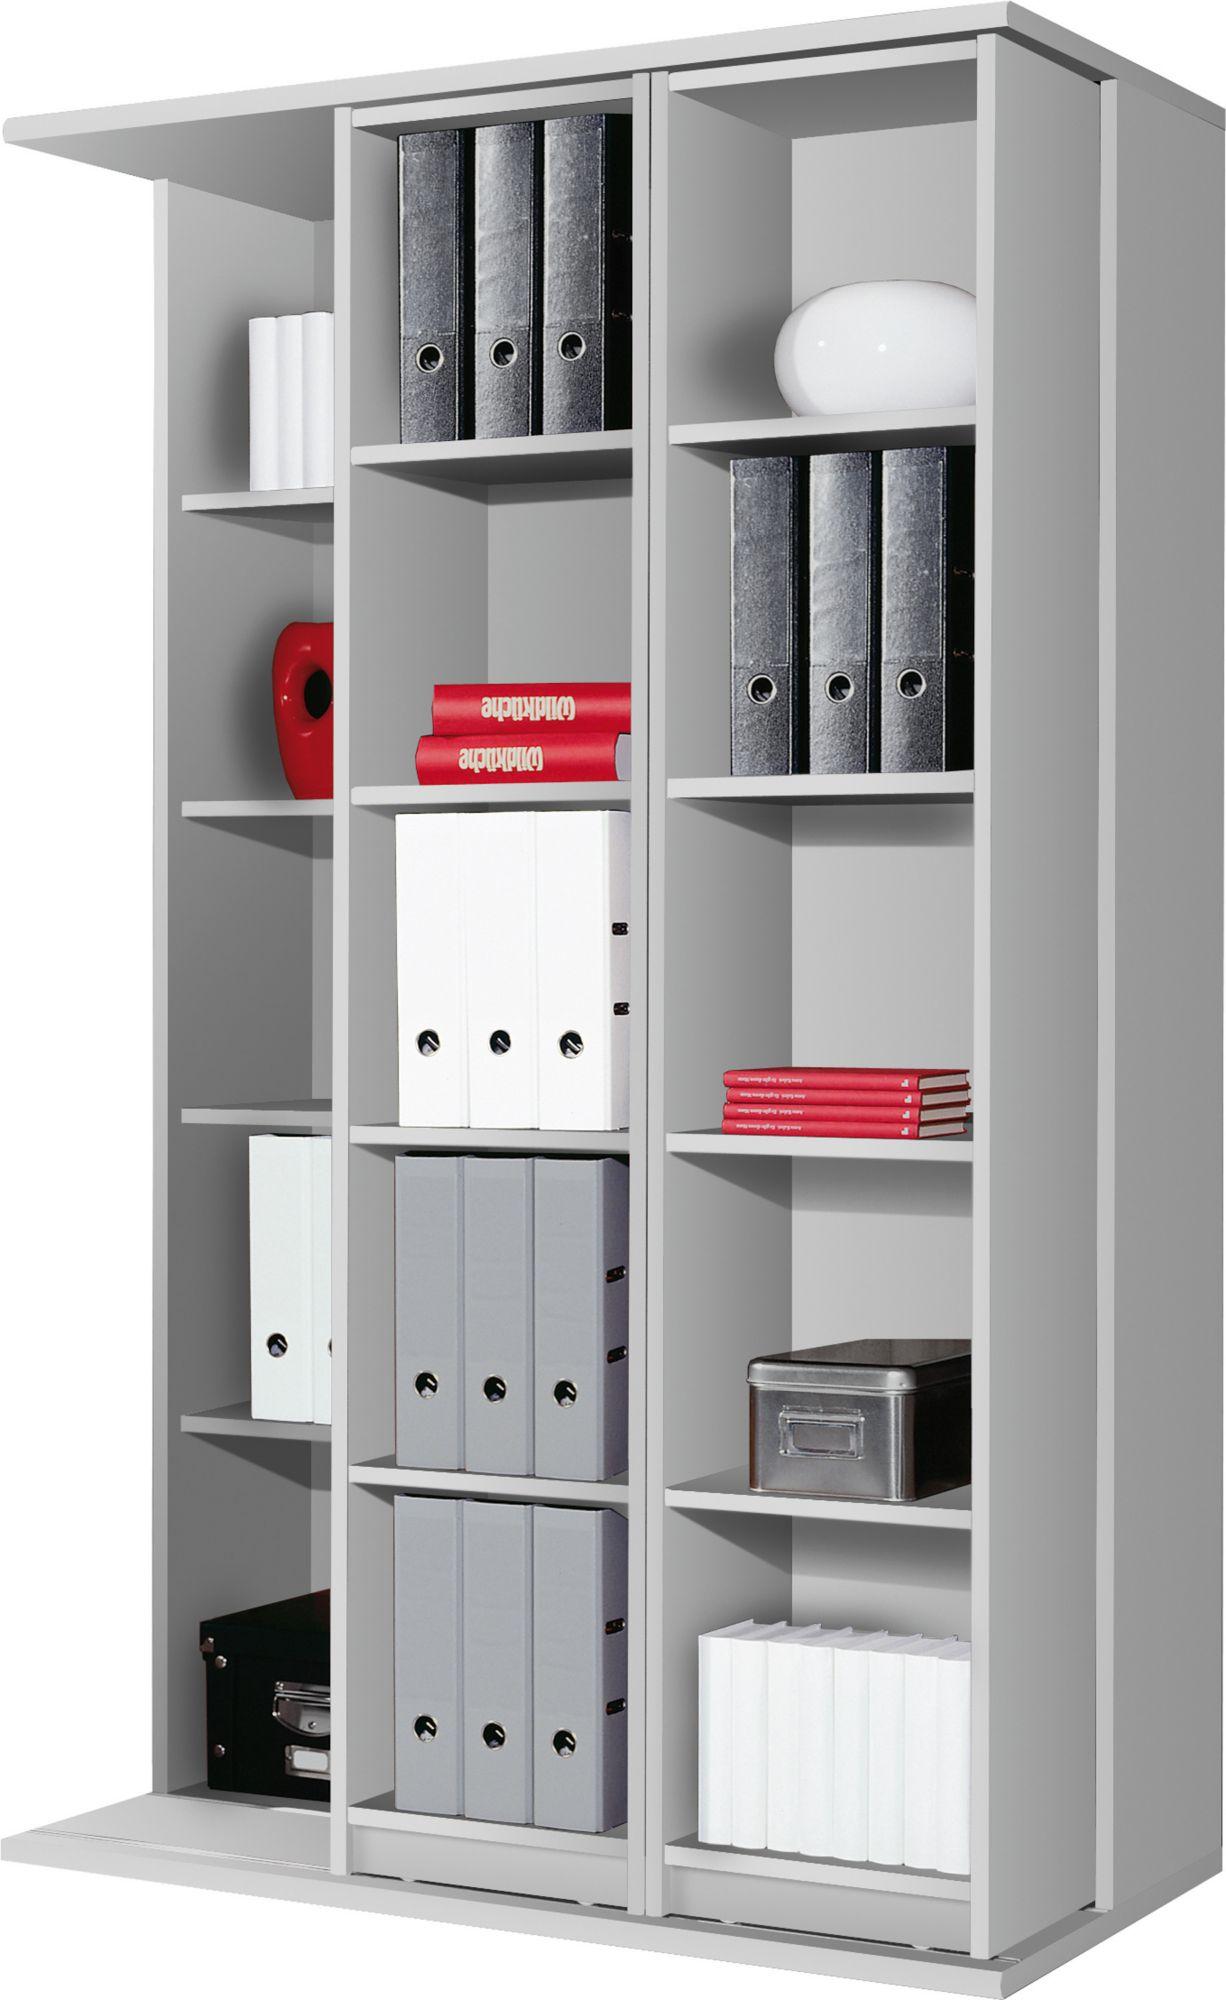 germania schieberegal g nstig online kaufen beim schwab versand. Black Bedroom Furniture Sets. Home Design Ideas